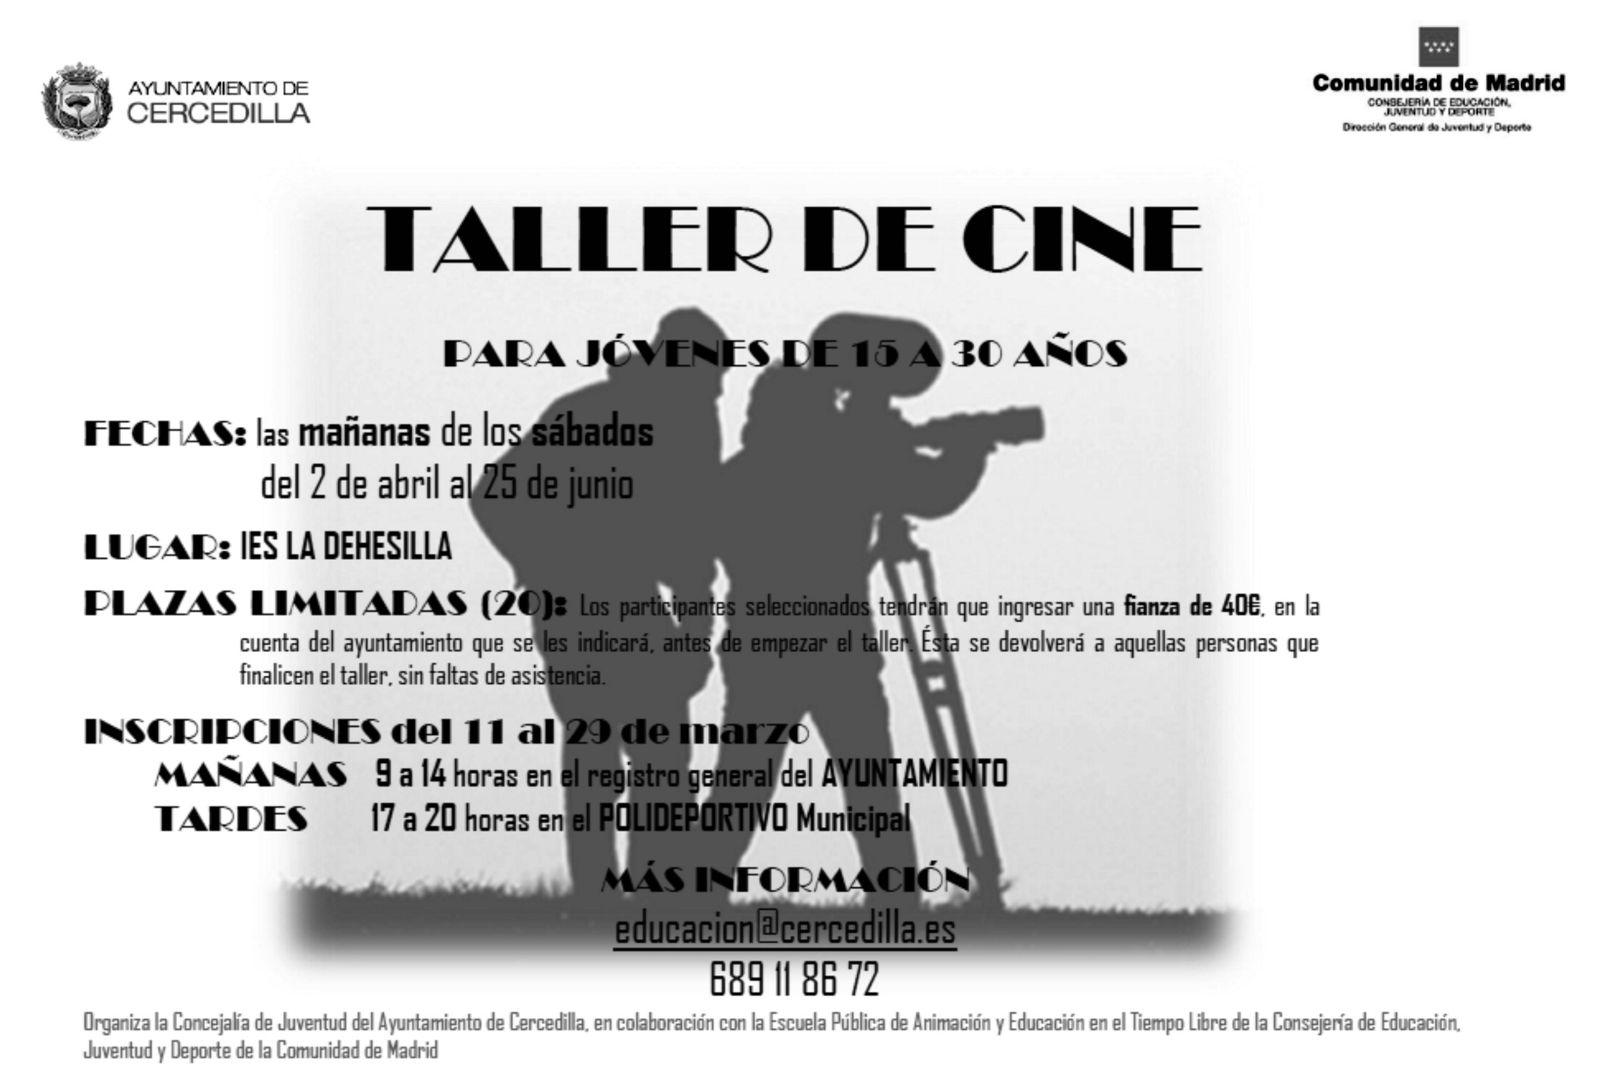 Taller de Cine para jóvenes en Cercedilla